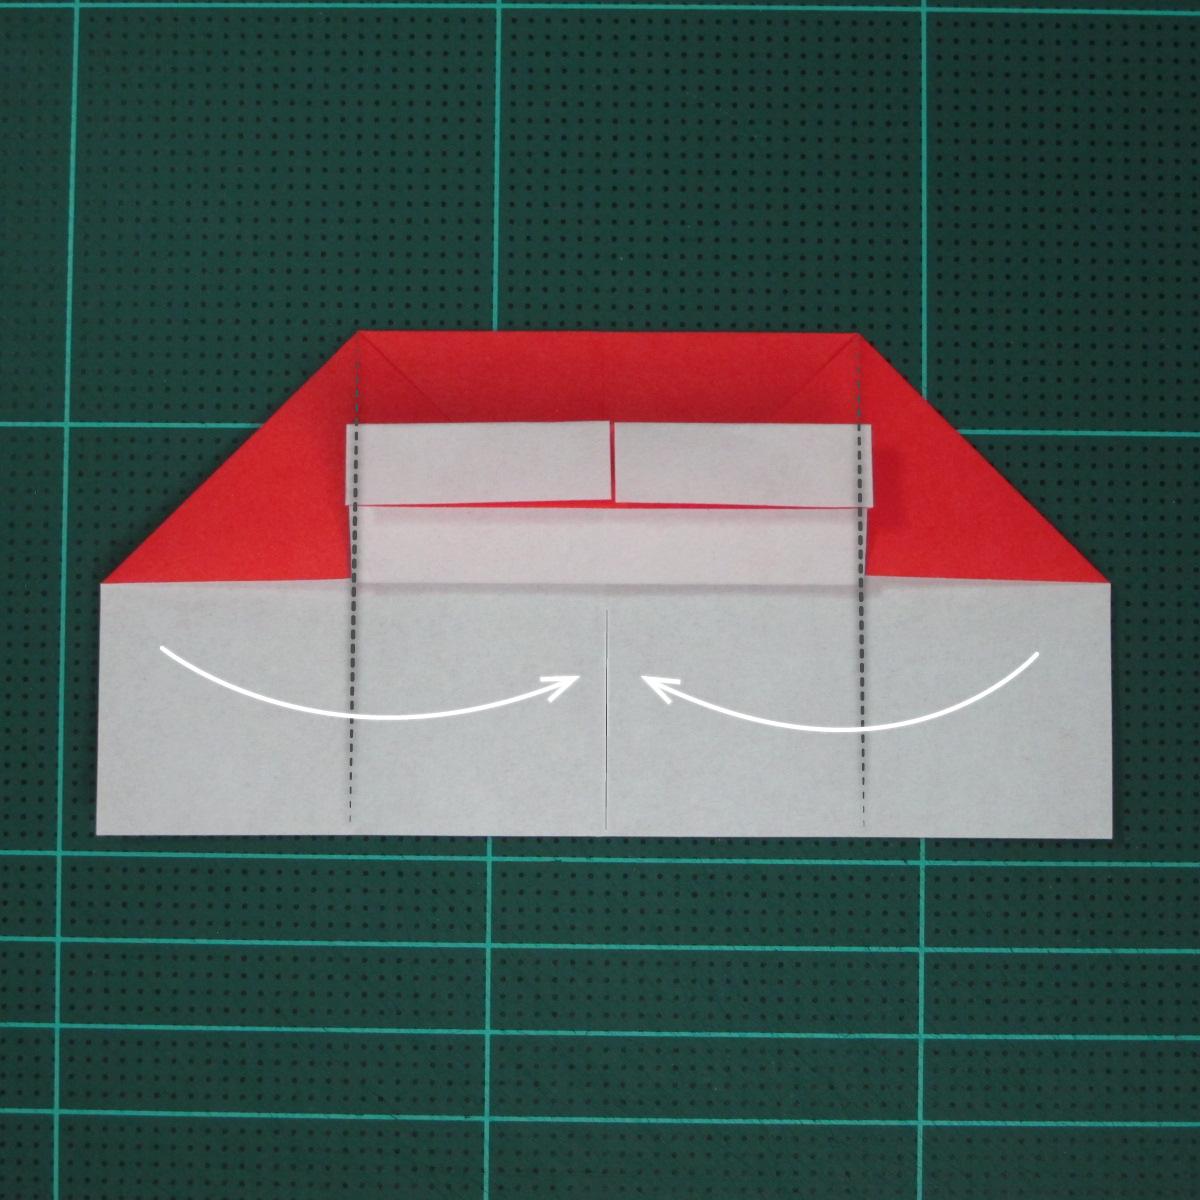 วิธีการพับกระดาษเป็นรูปเปียโน (Origami Piano) 010